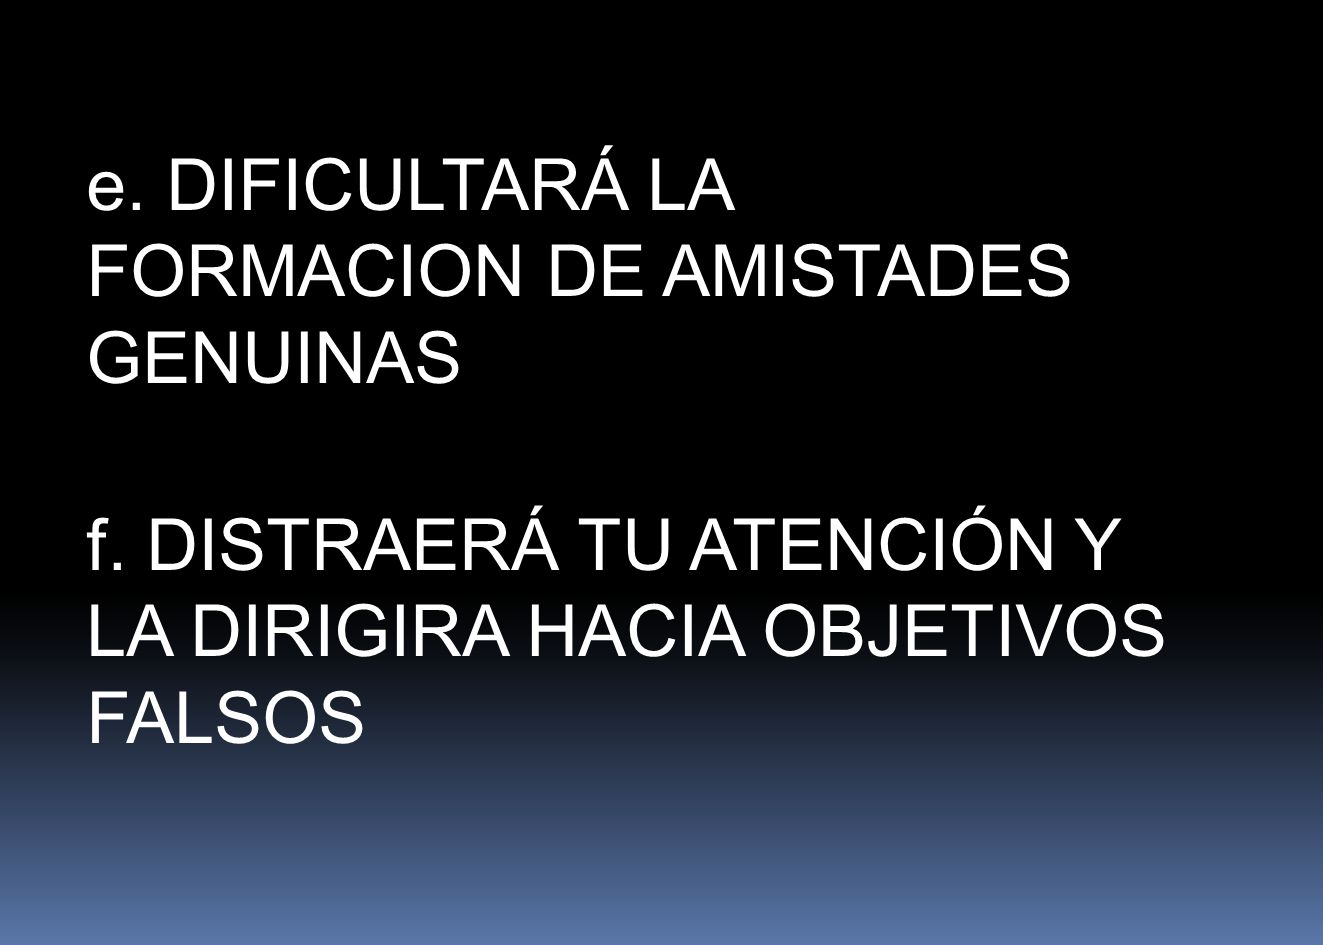 e. DIFICULTARÁ LA FORMACION DE AMISTADES GENUINAS